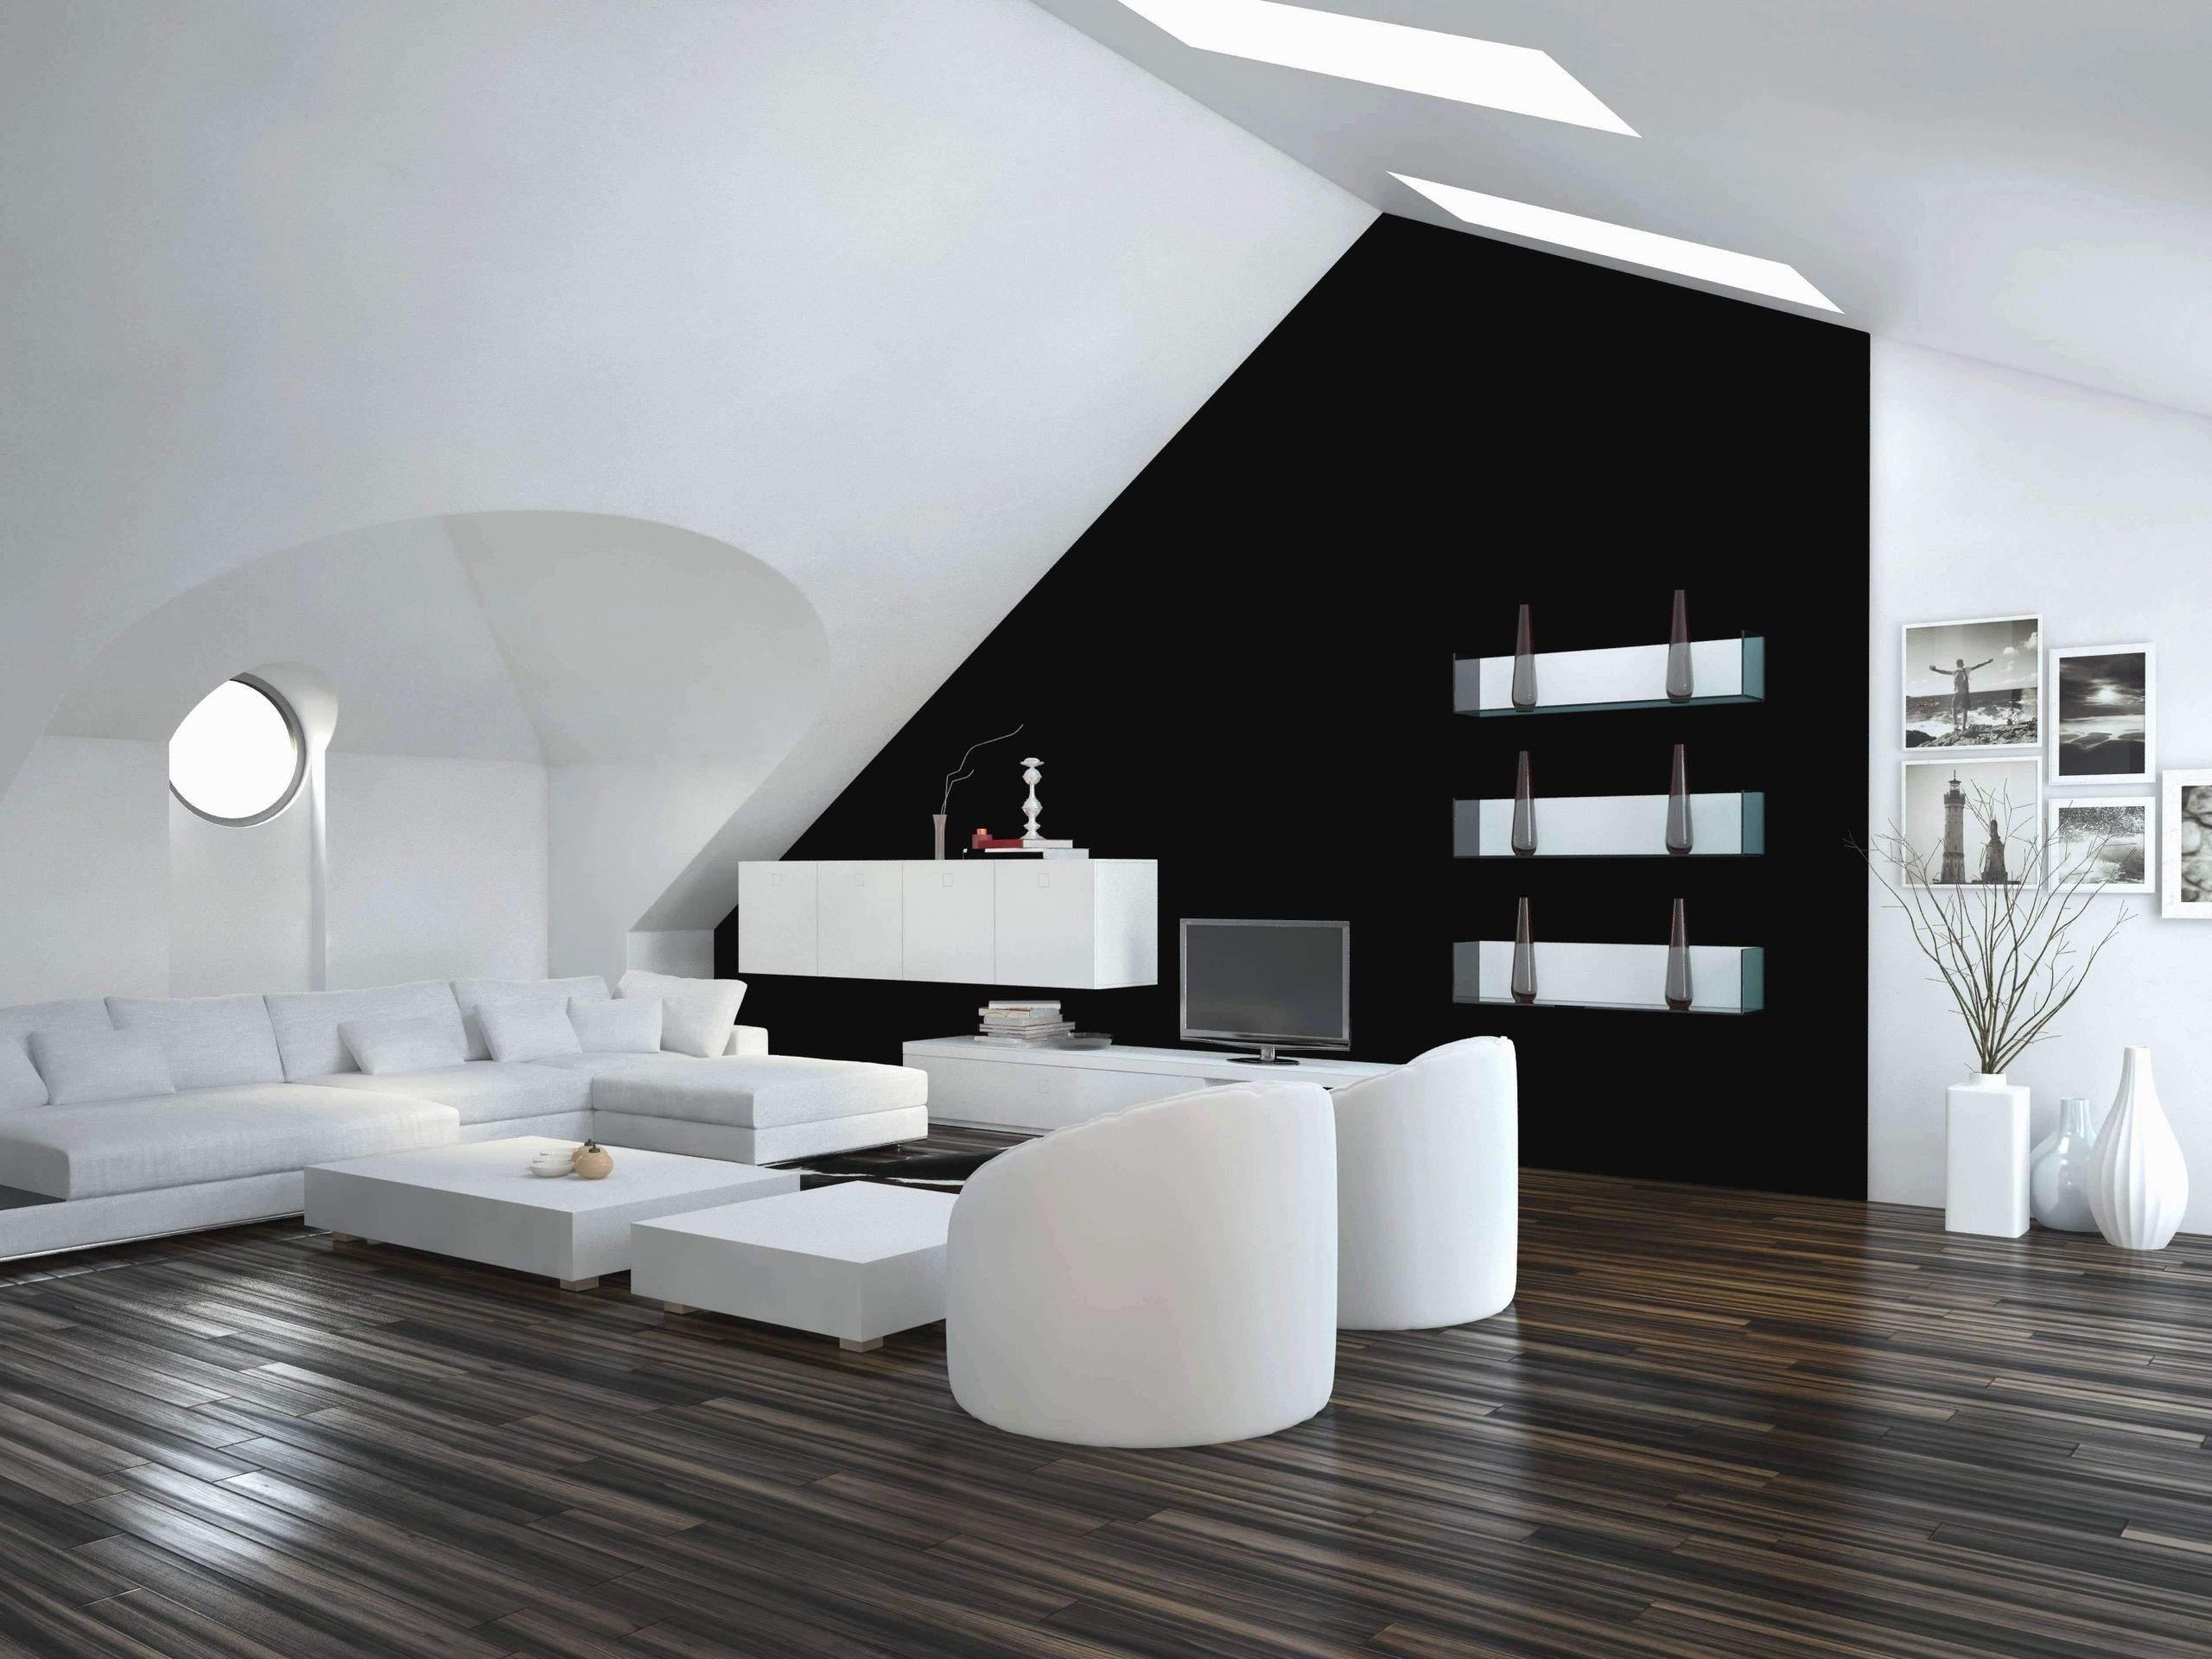 ideen wohnzimmer luxus wohnzimmer steinwand schon wohnzimmer deko ideen aktuelle of ideen wohnzimmer scaled